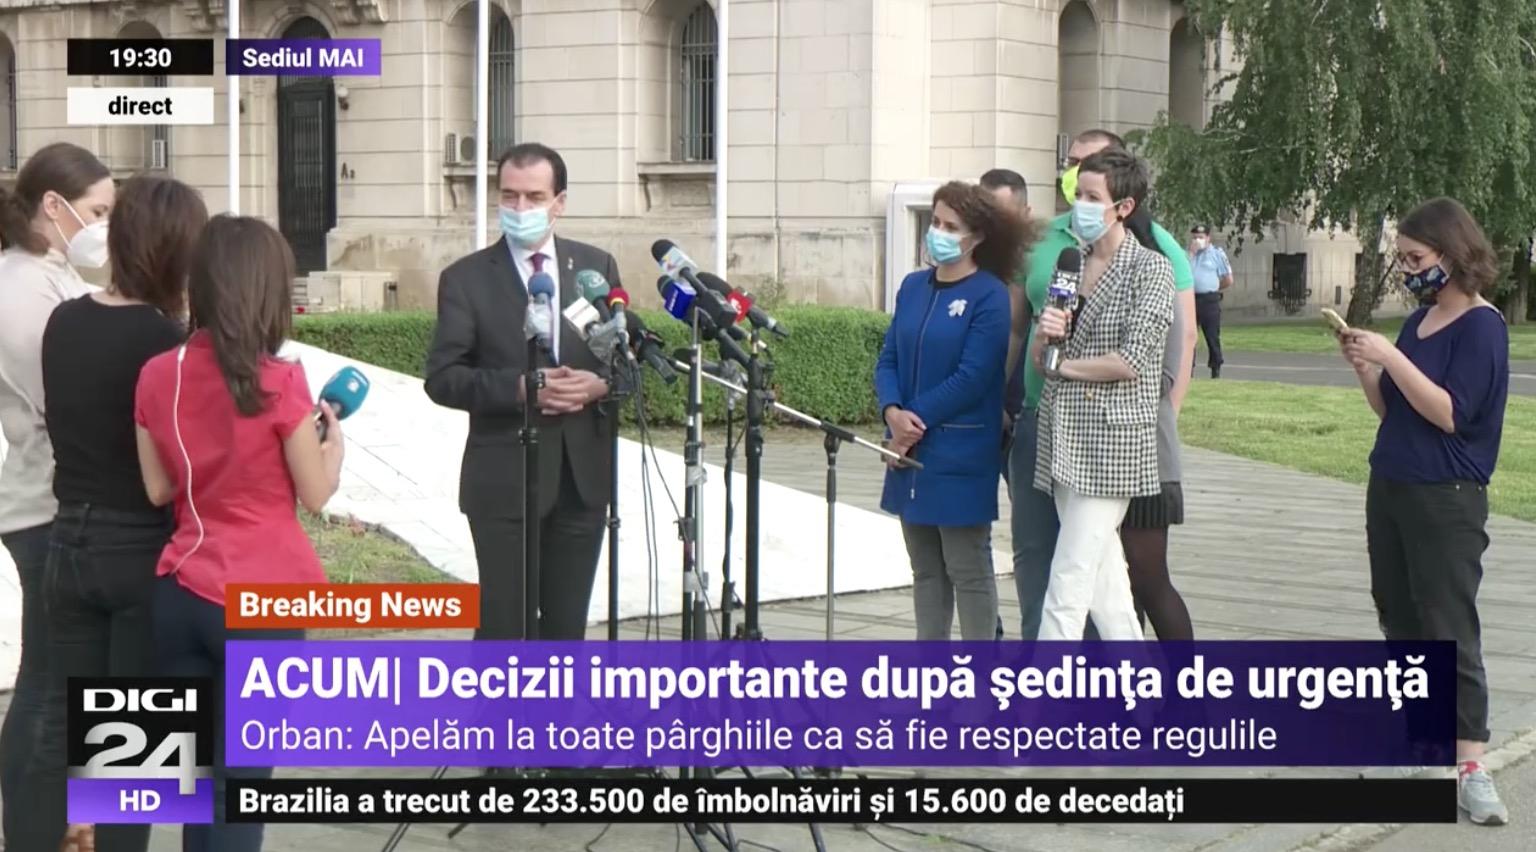 Ludovic Orban: Terasele și restaureantele nu se deschid. Starea de alertă prin legea 55